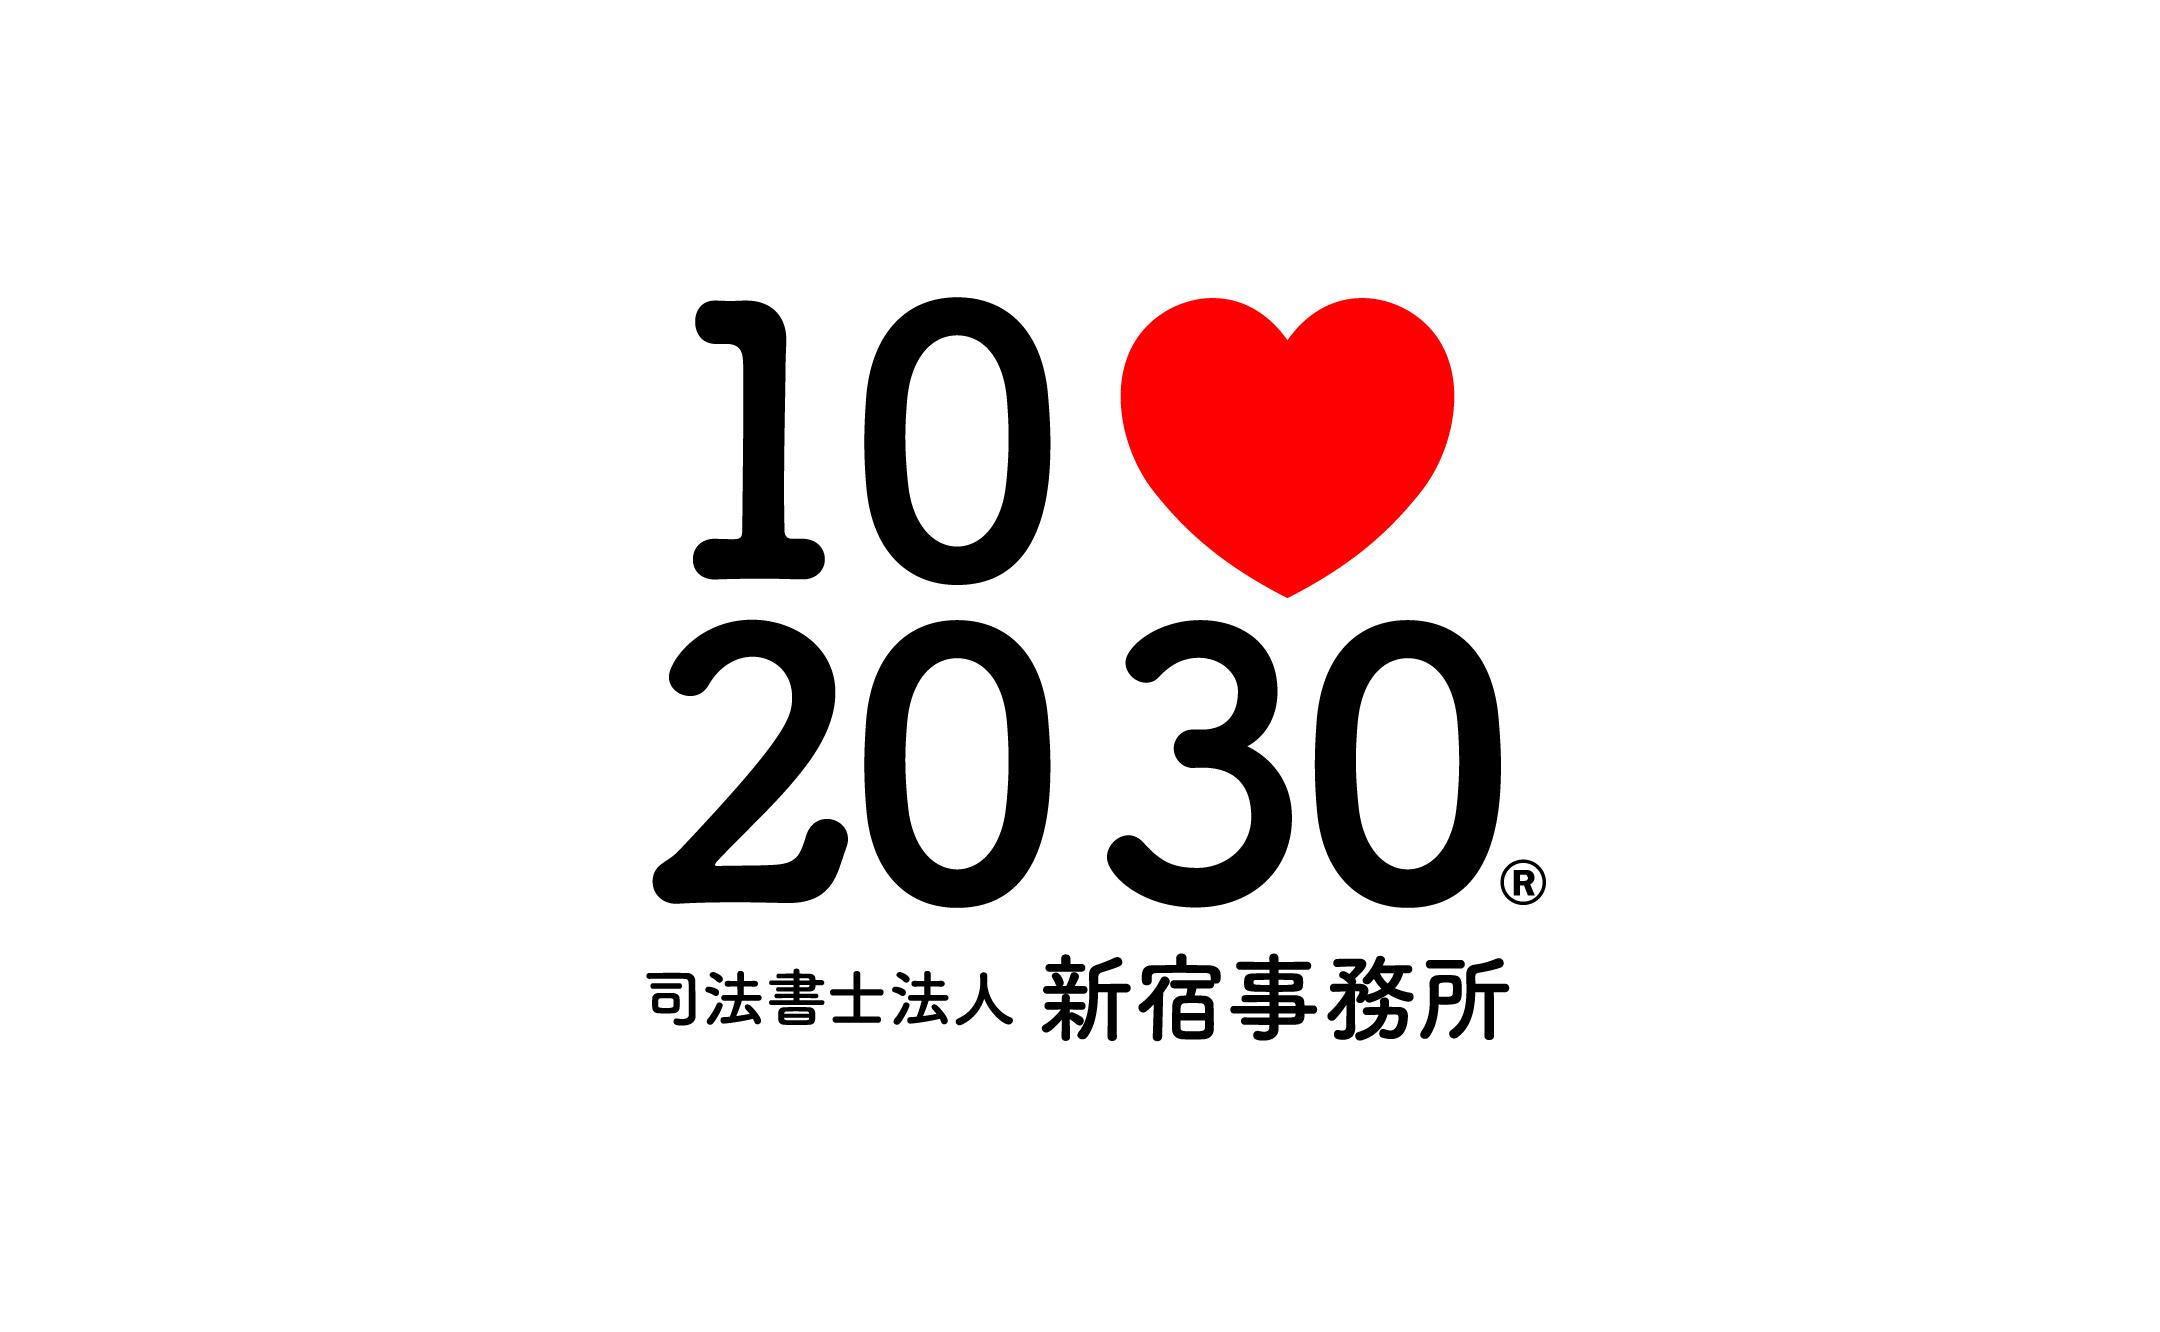 司法書士法人 新宿事務所「102030」ロゴ制作